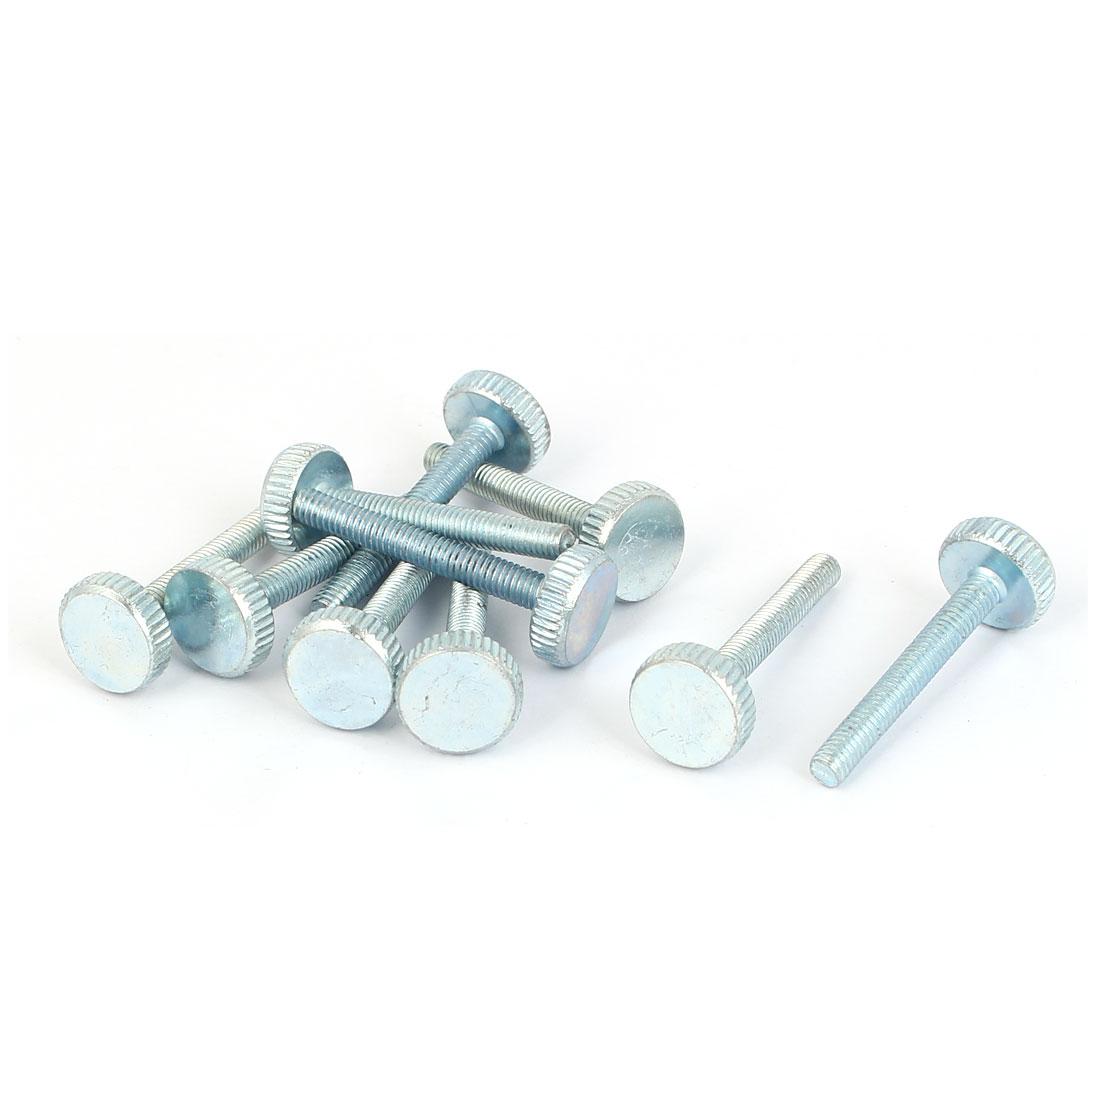 M4x30mm Thread Carbon Steel Knurled Round Head Thumb Screws Silver Blue 10pcs